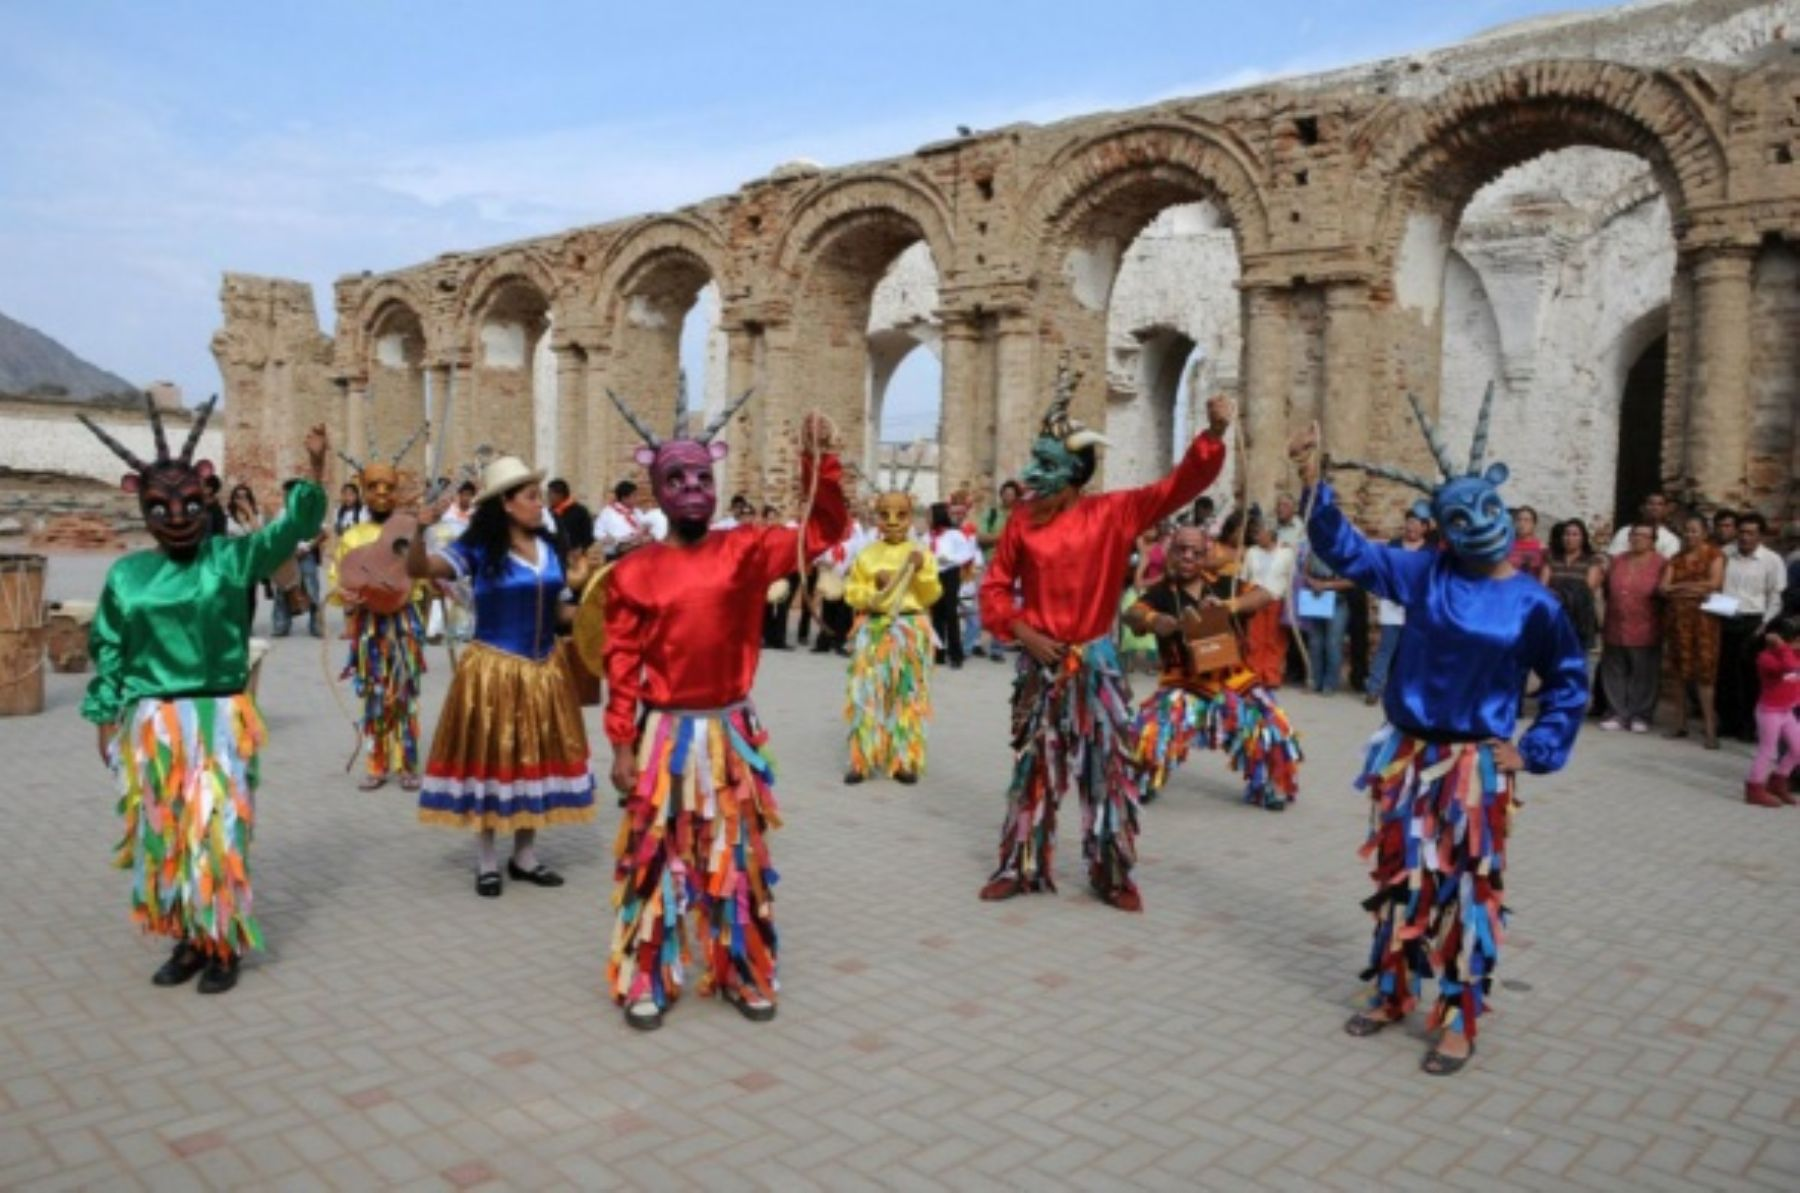 """Hoy se celebra el Día de la Cultura Afroperuana, con la finalidad de fomentar la visibilidad y reconocimiento de los aportes de la población y cultura afroperuana a la construcción de la nación e identidad nacional. Al respecto, cabe destacar el reconocimiento, en 2017, del distrito chiclayano de Zaña como """"Sitio de la Memoria de la Esclavitud y la Herencia Cultural Africana"""" por parte de la Unesco. ANDINA/archivo"""